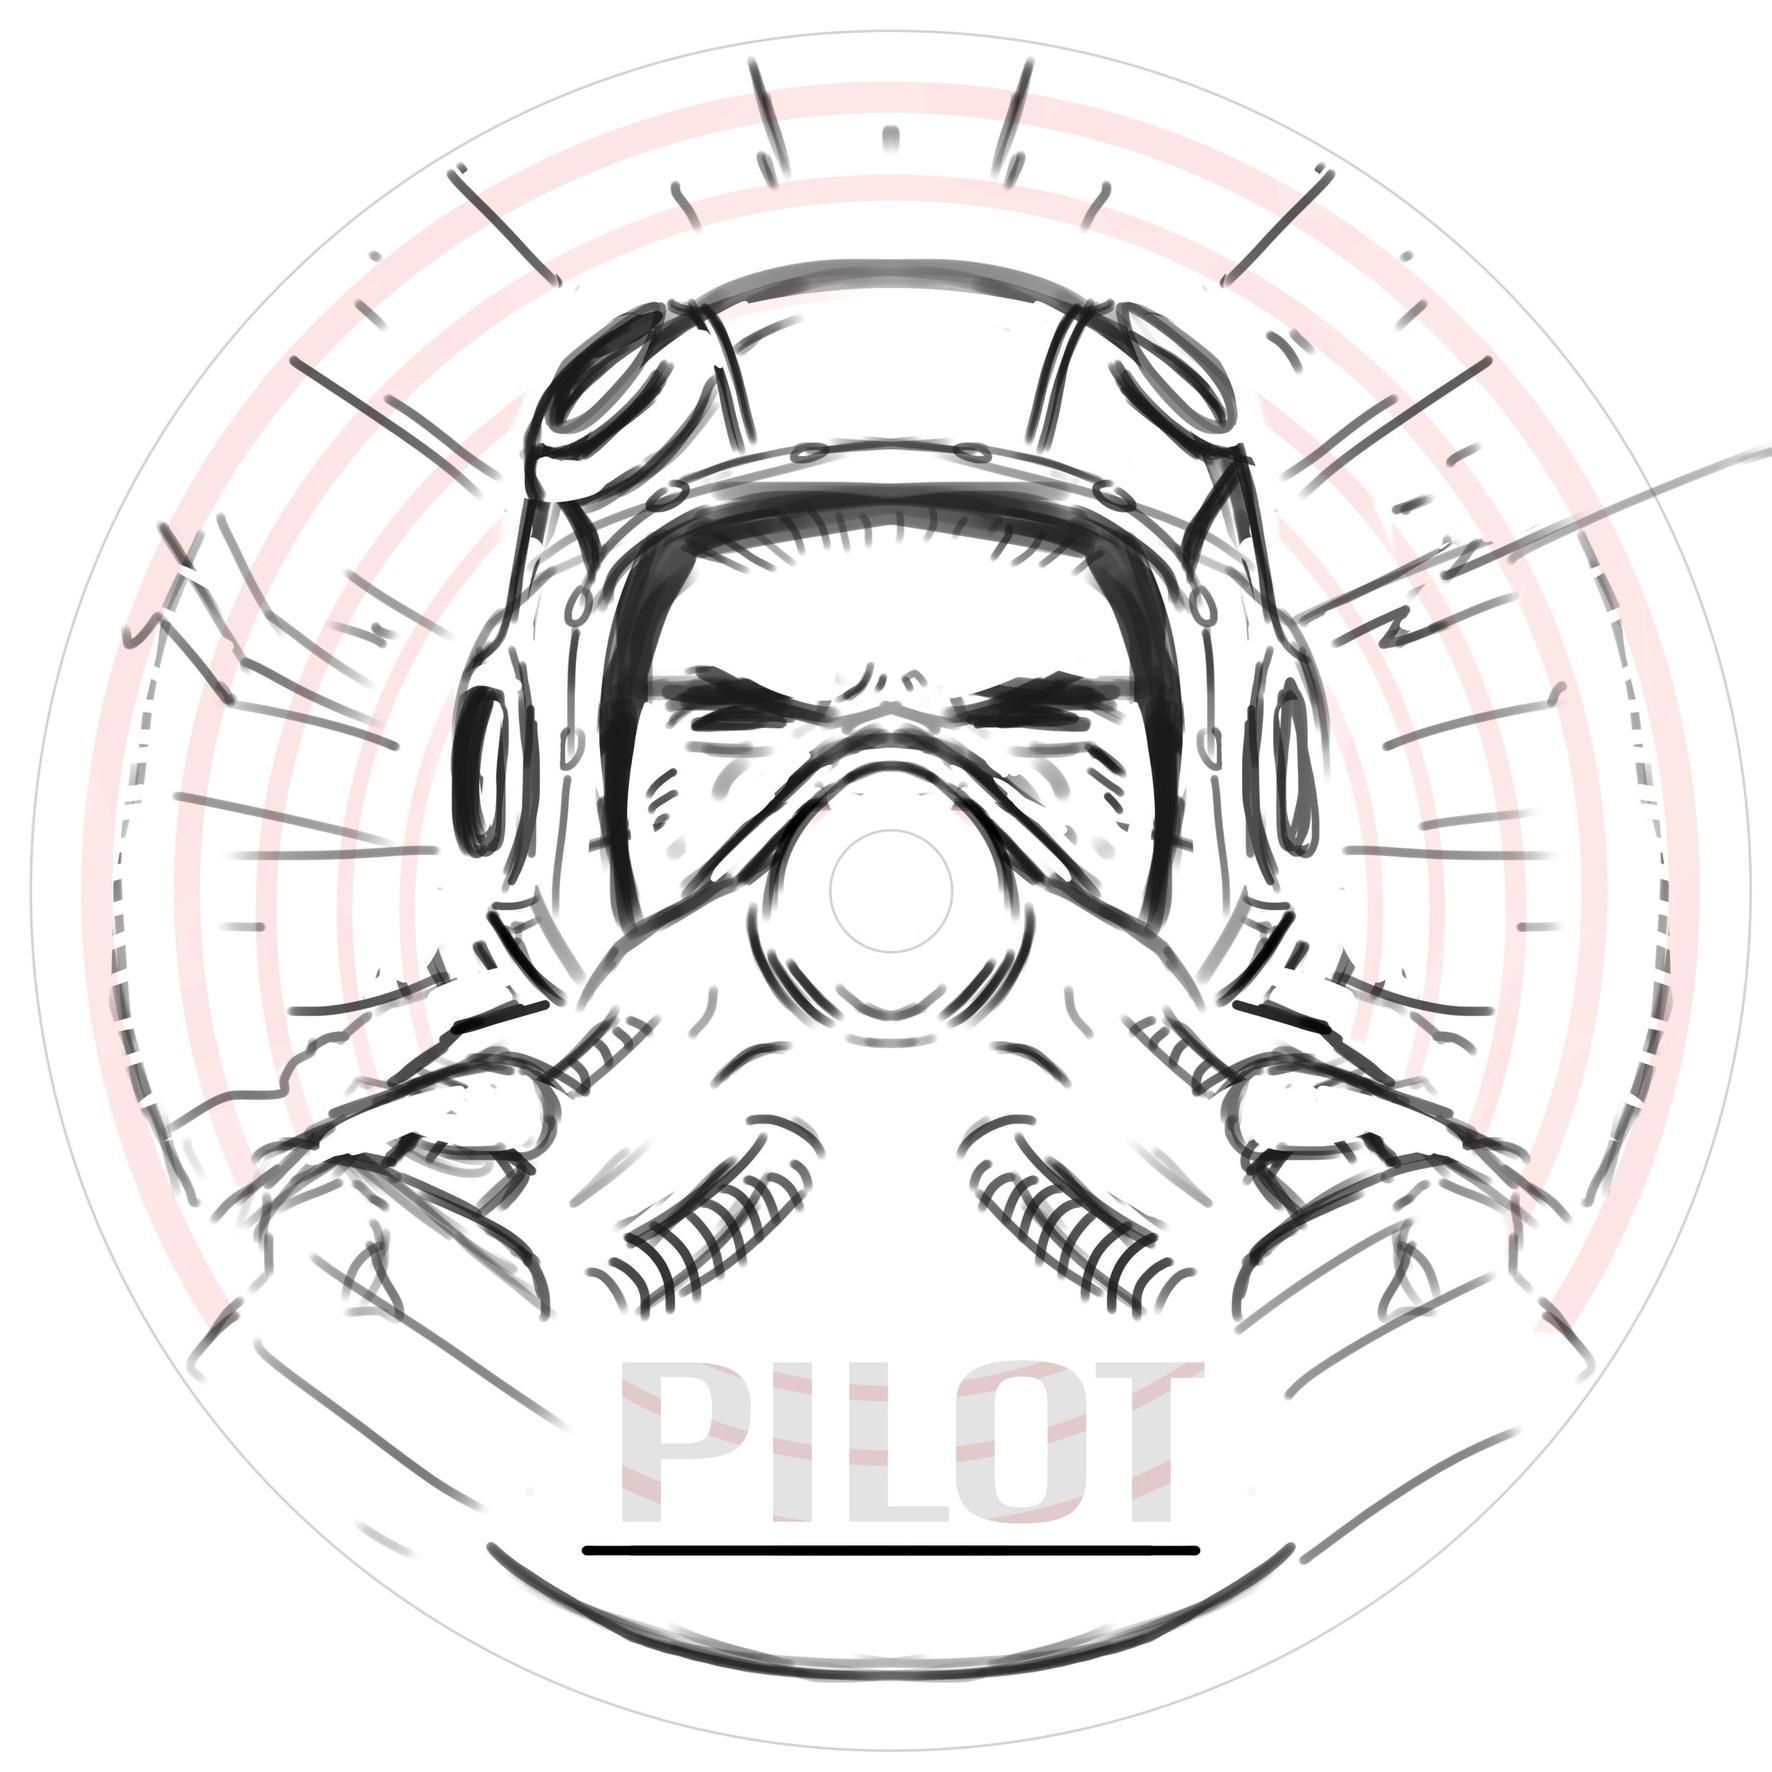 Pilot_Thumbs001.jpg